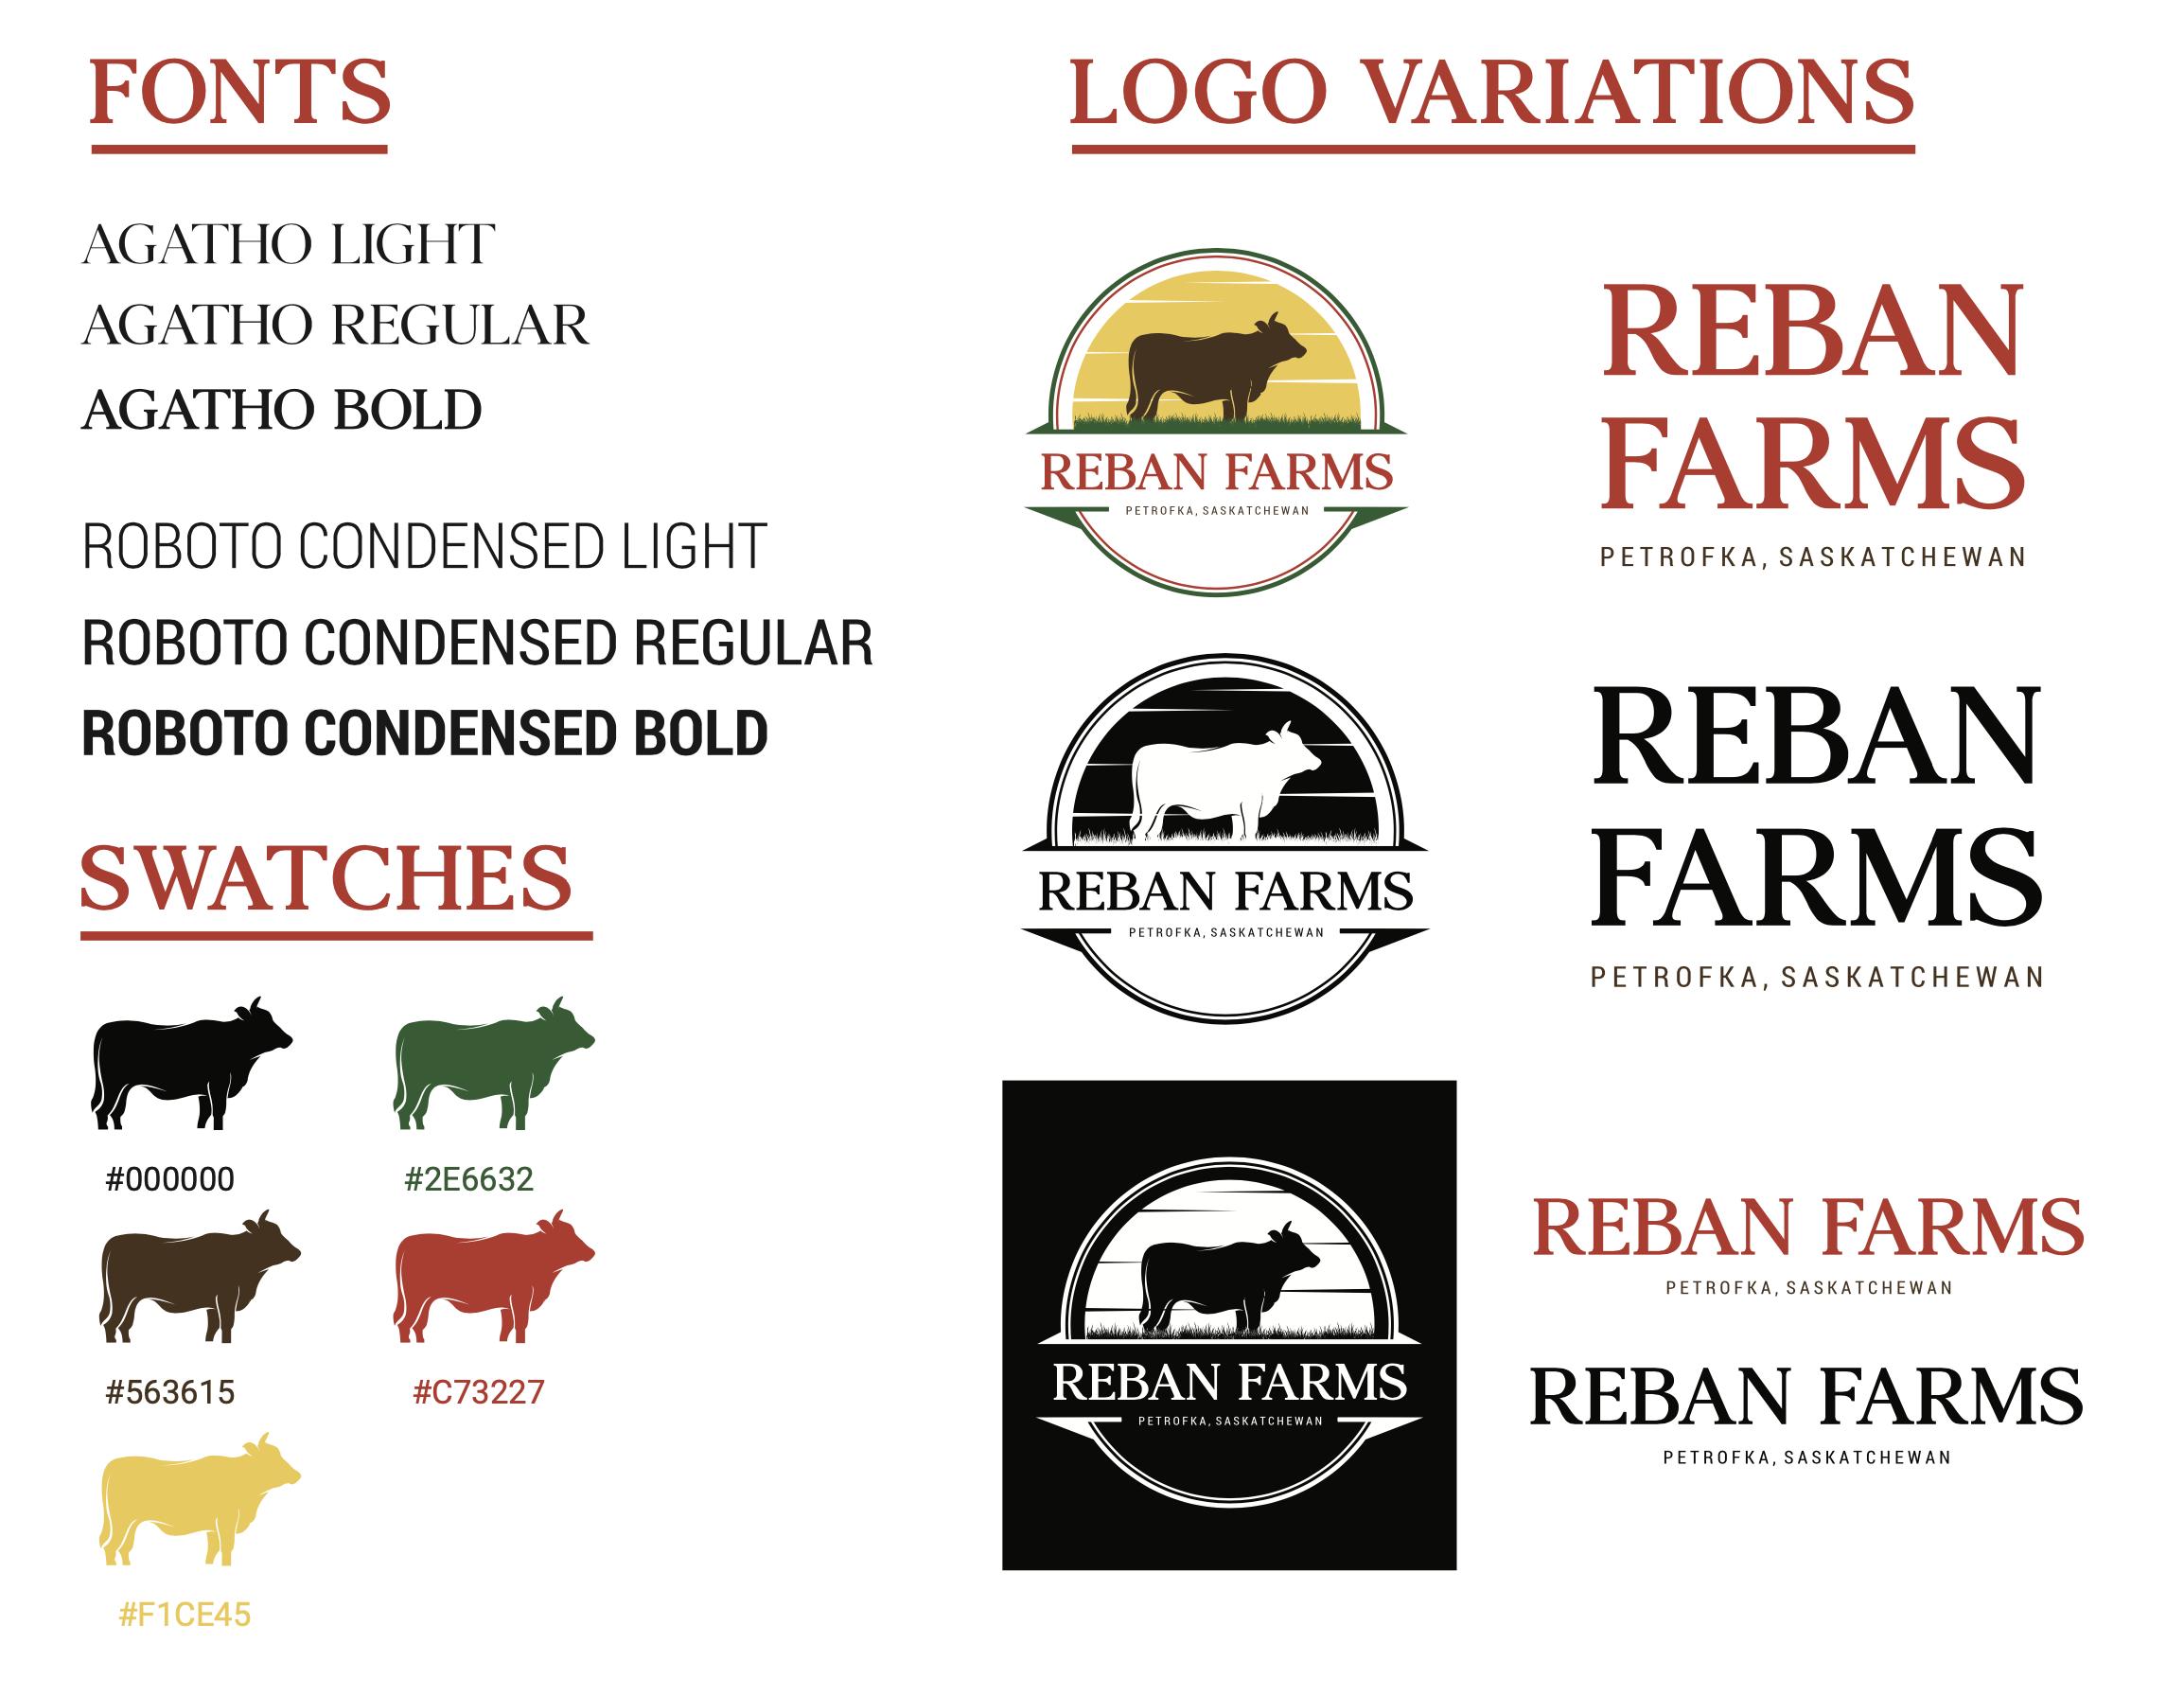 Reban Farms Style Guide